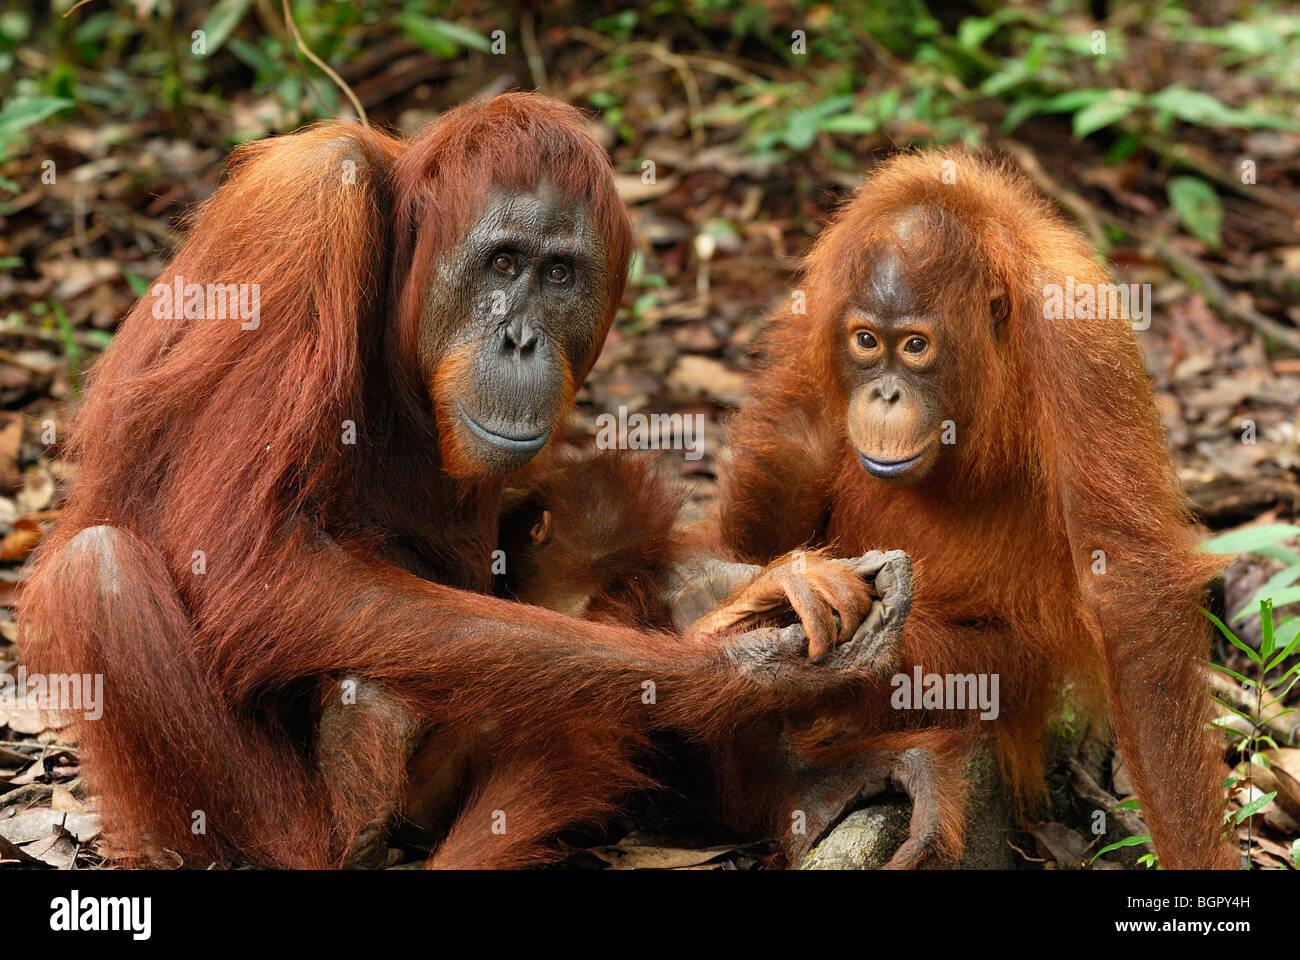 Orangután de Borneo (Pongo pygmaeus), hembra con un bebé, Camp Leaky, el parque nacional Tanjung Puting, Kalimantan, Borneo, Indonesia Foto de stock